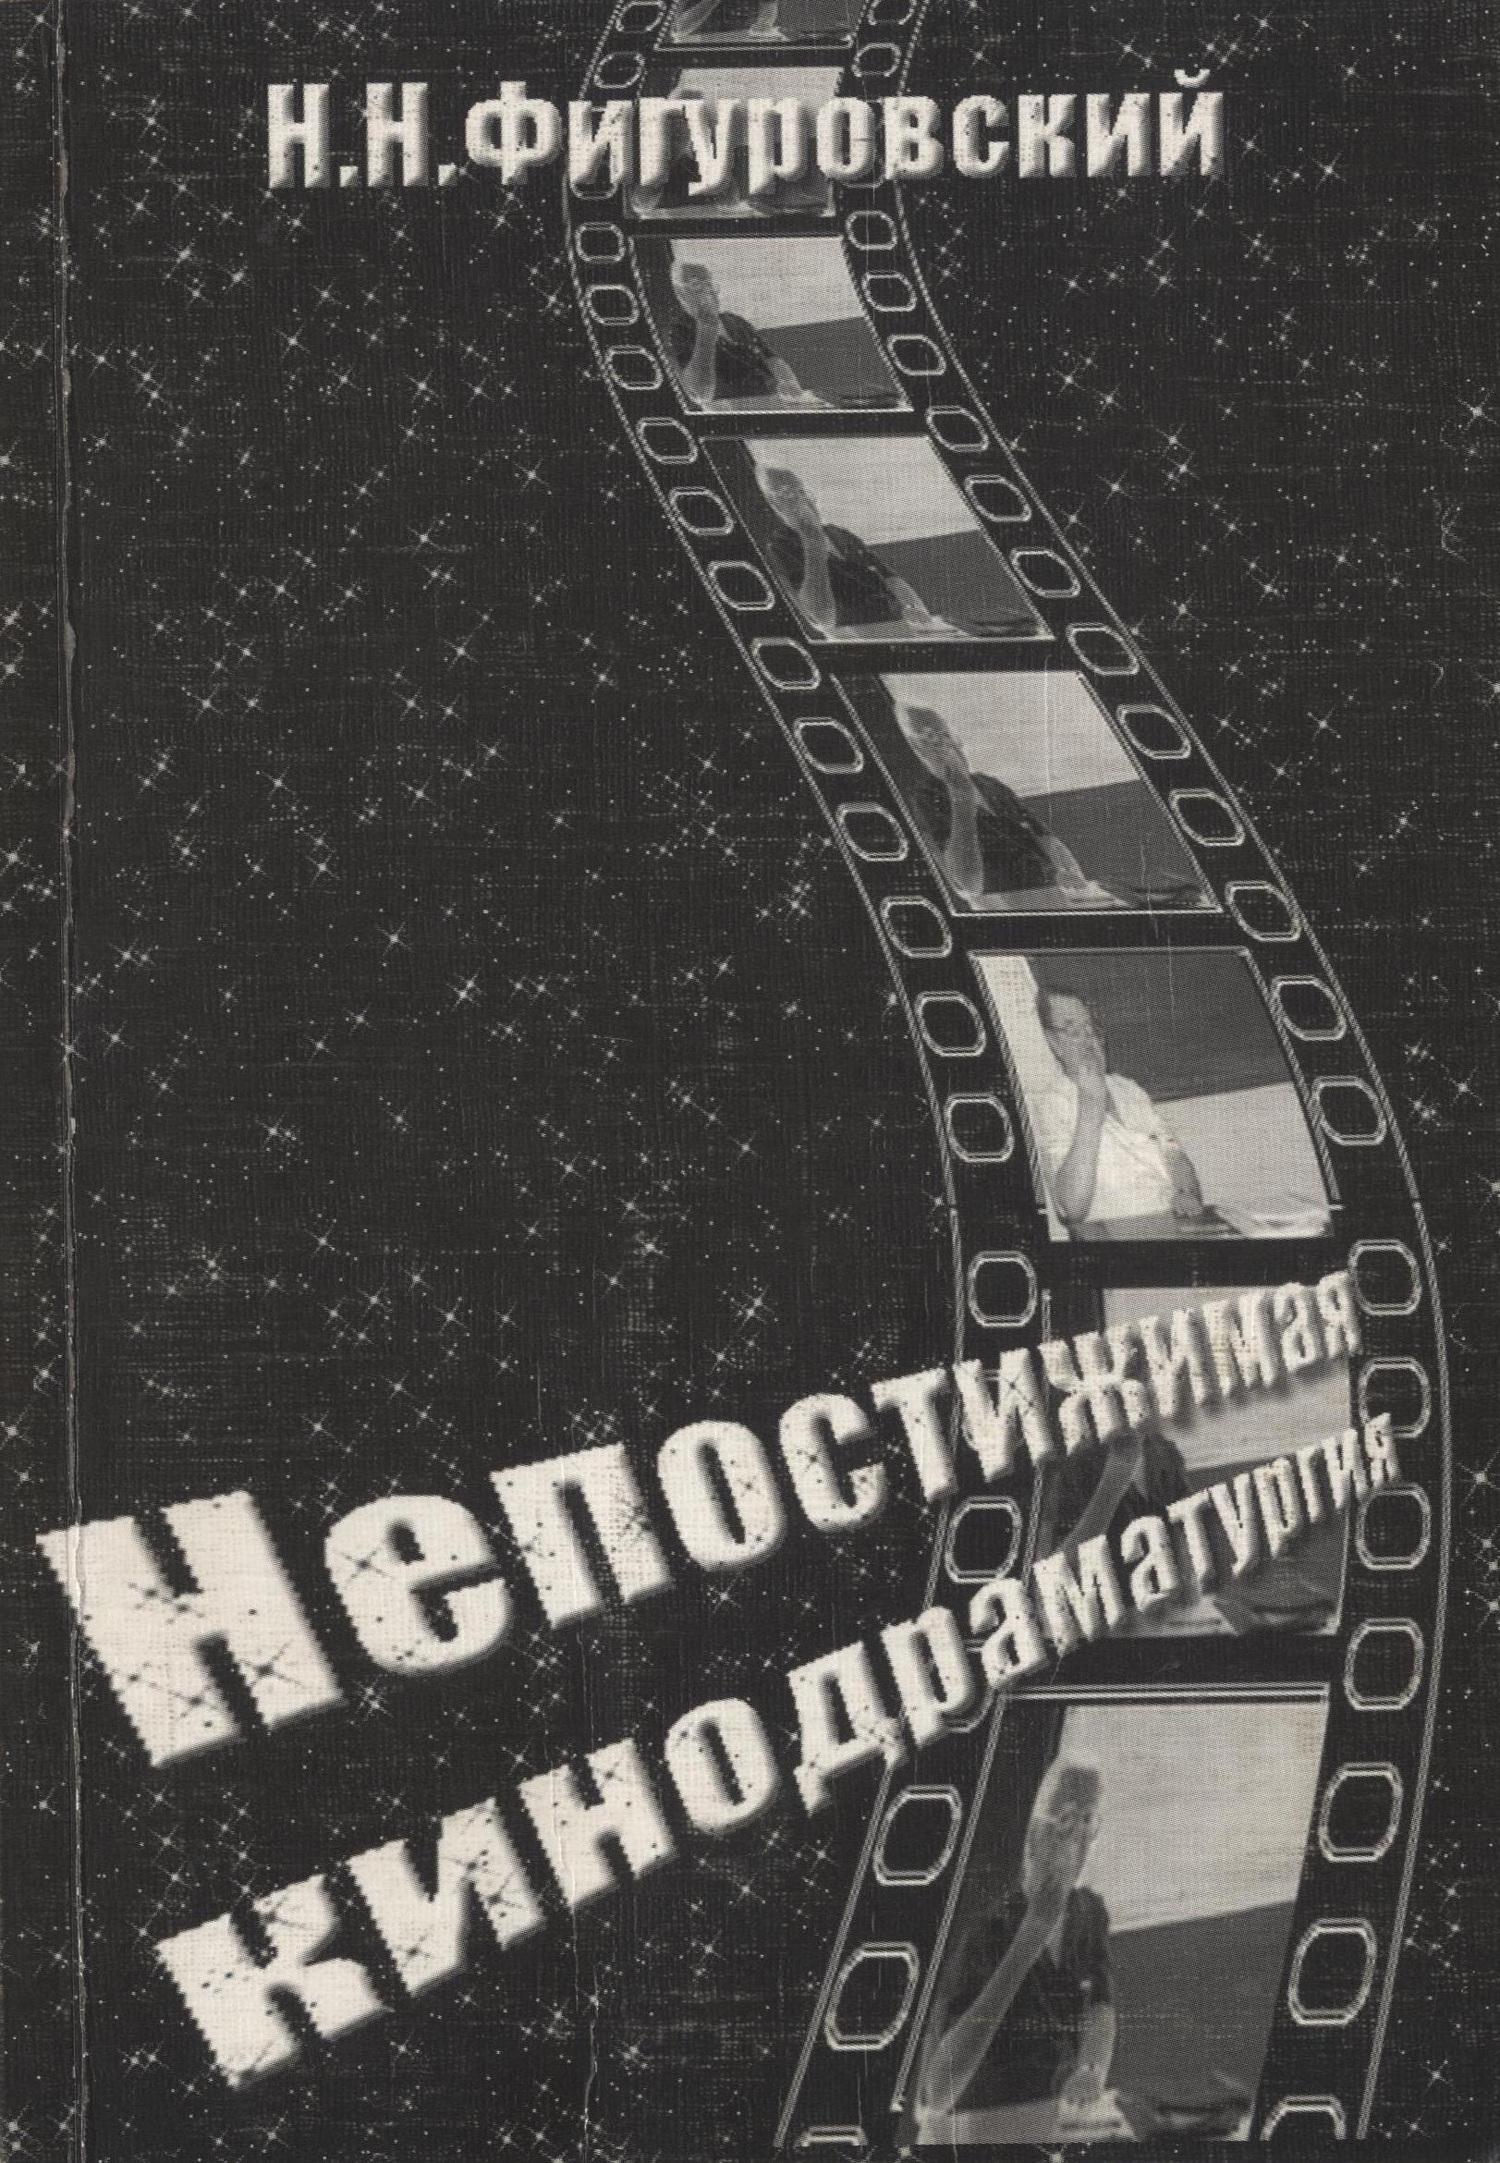 Непостижимая кинодраматургия